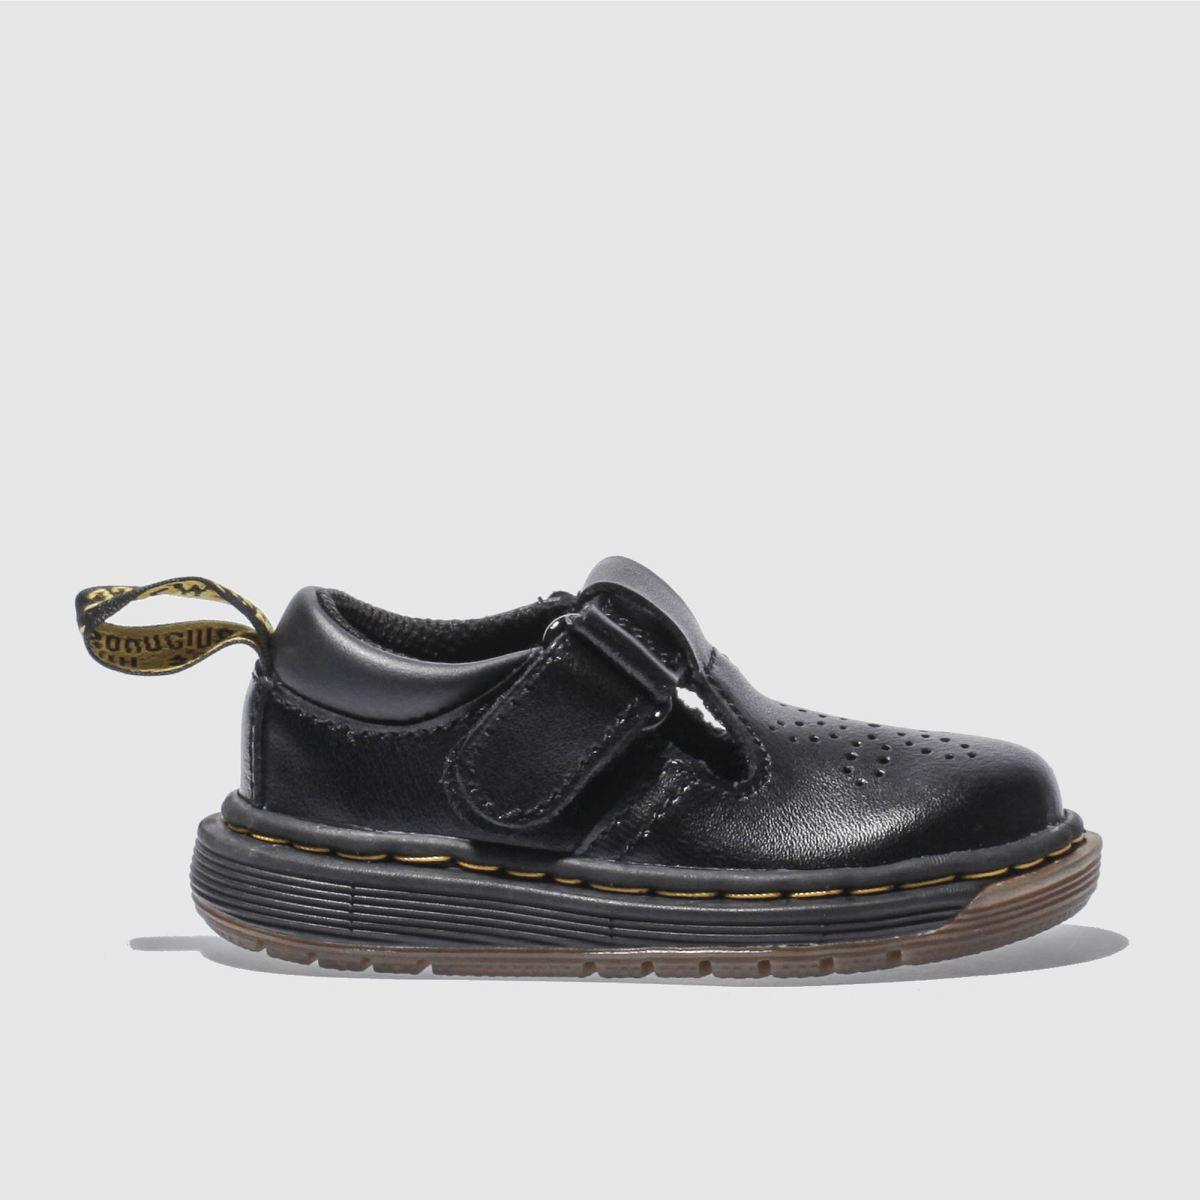 Dr Martens Black Dulice Boots Toddler